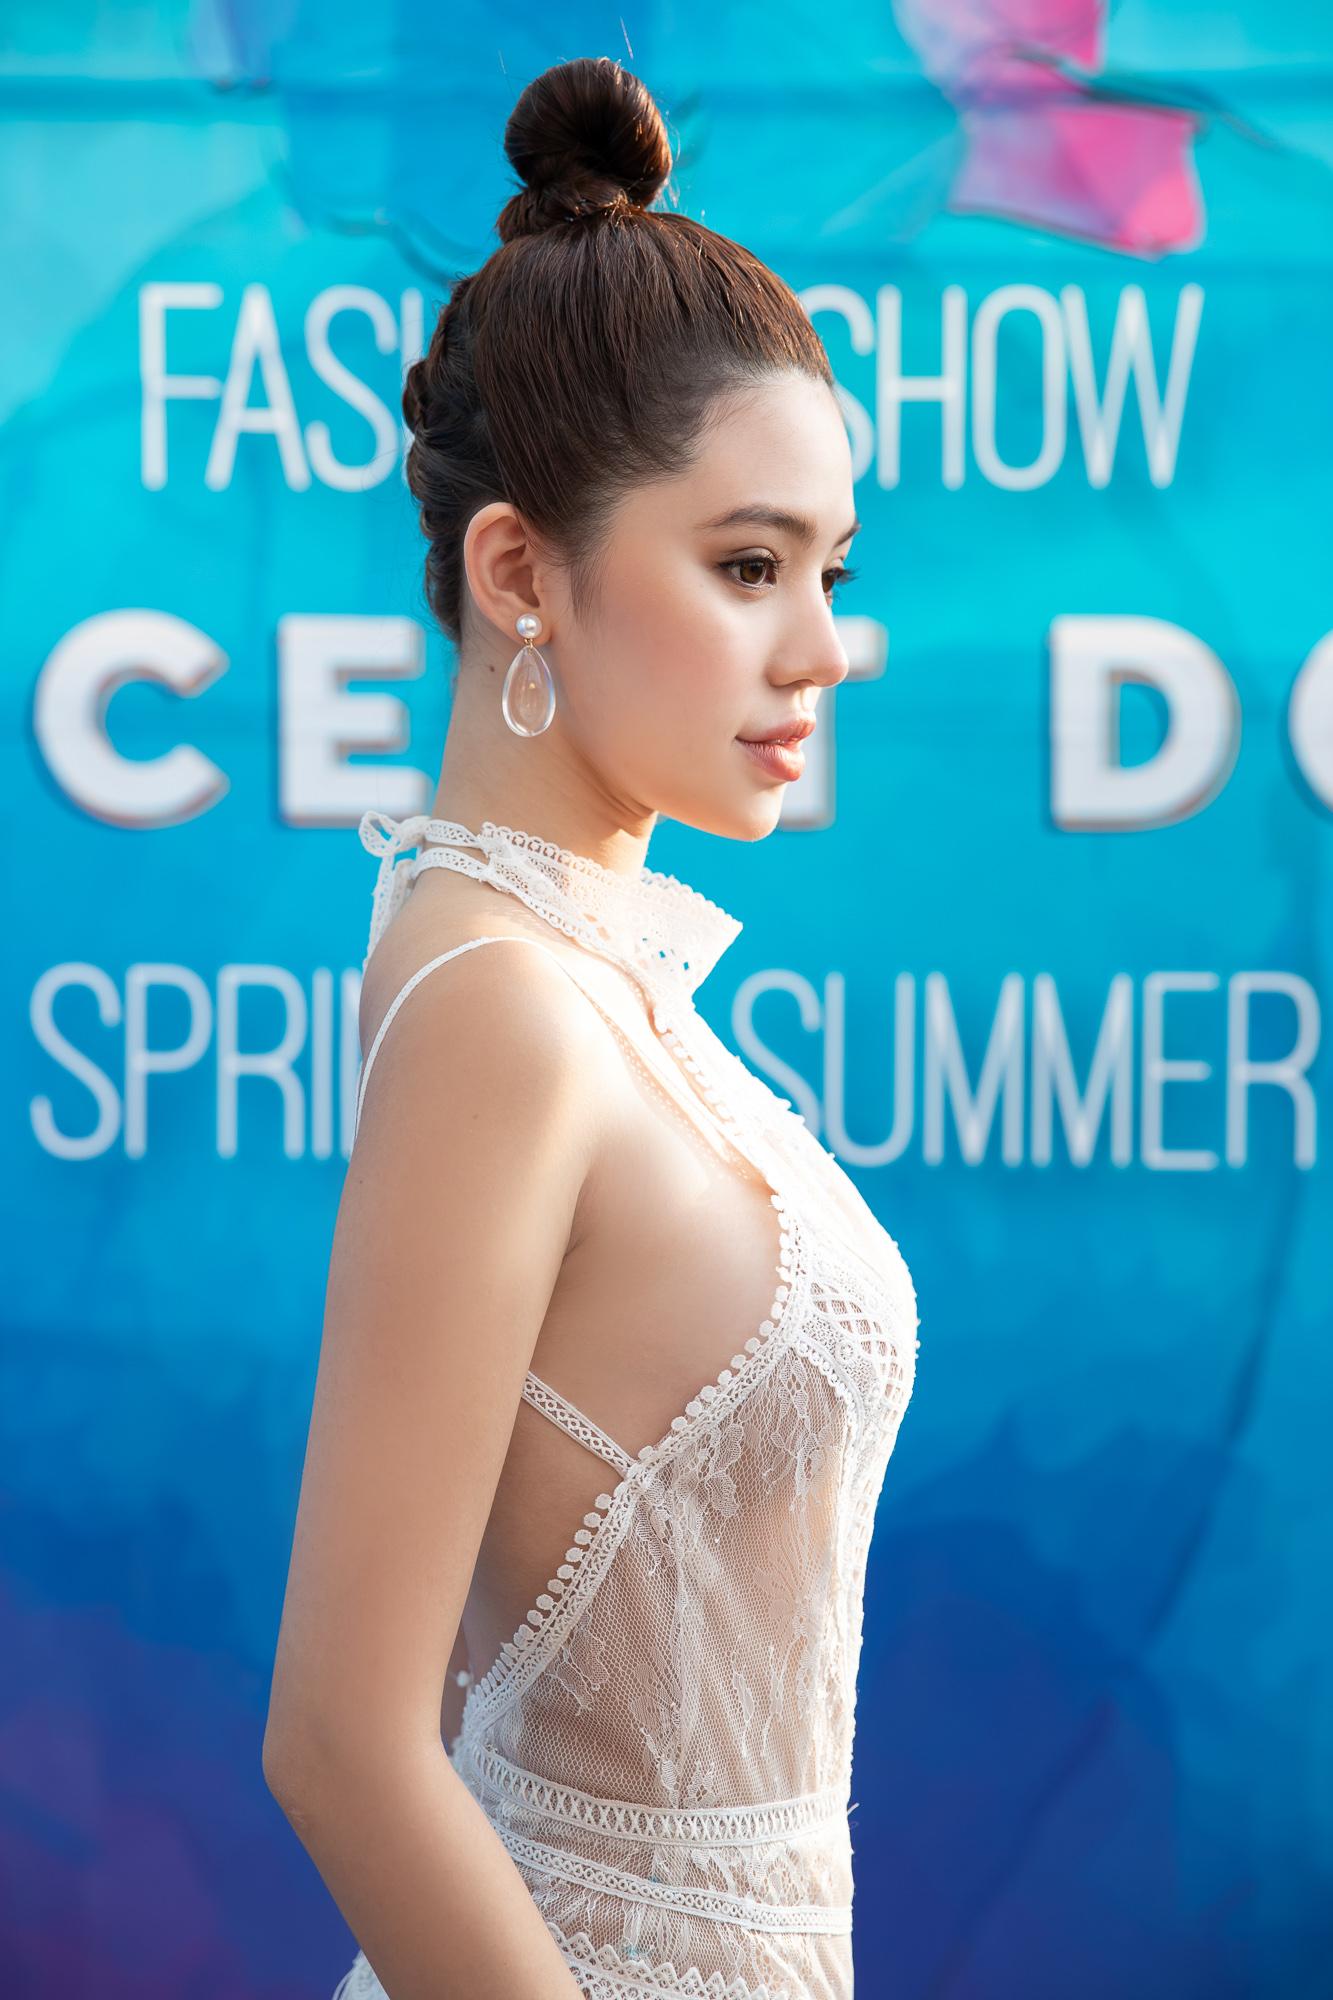 Hoa hậu Jolie Nguyễn diện váy mỏng như sương, lấp ló vòng 3 nóng bỏng - 6